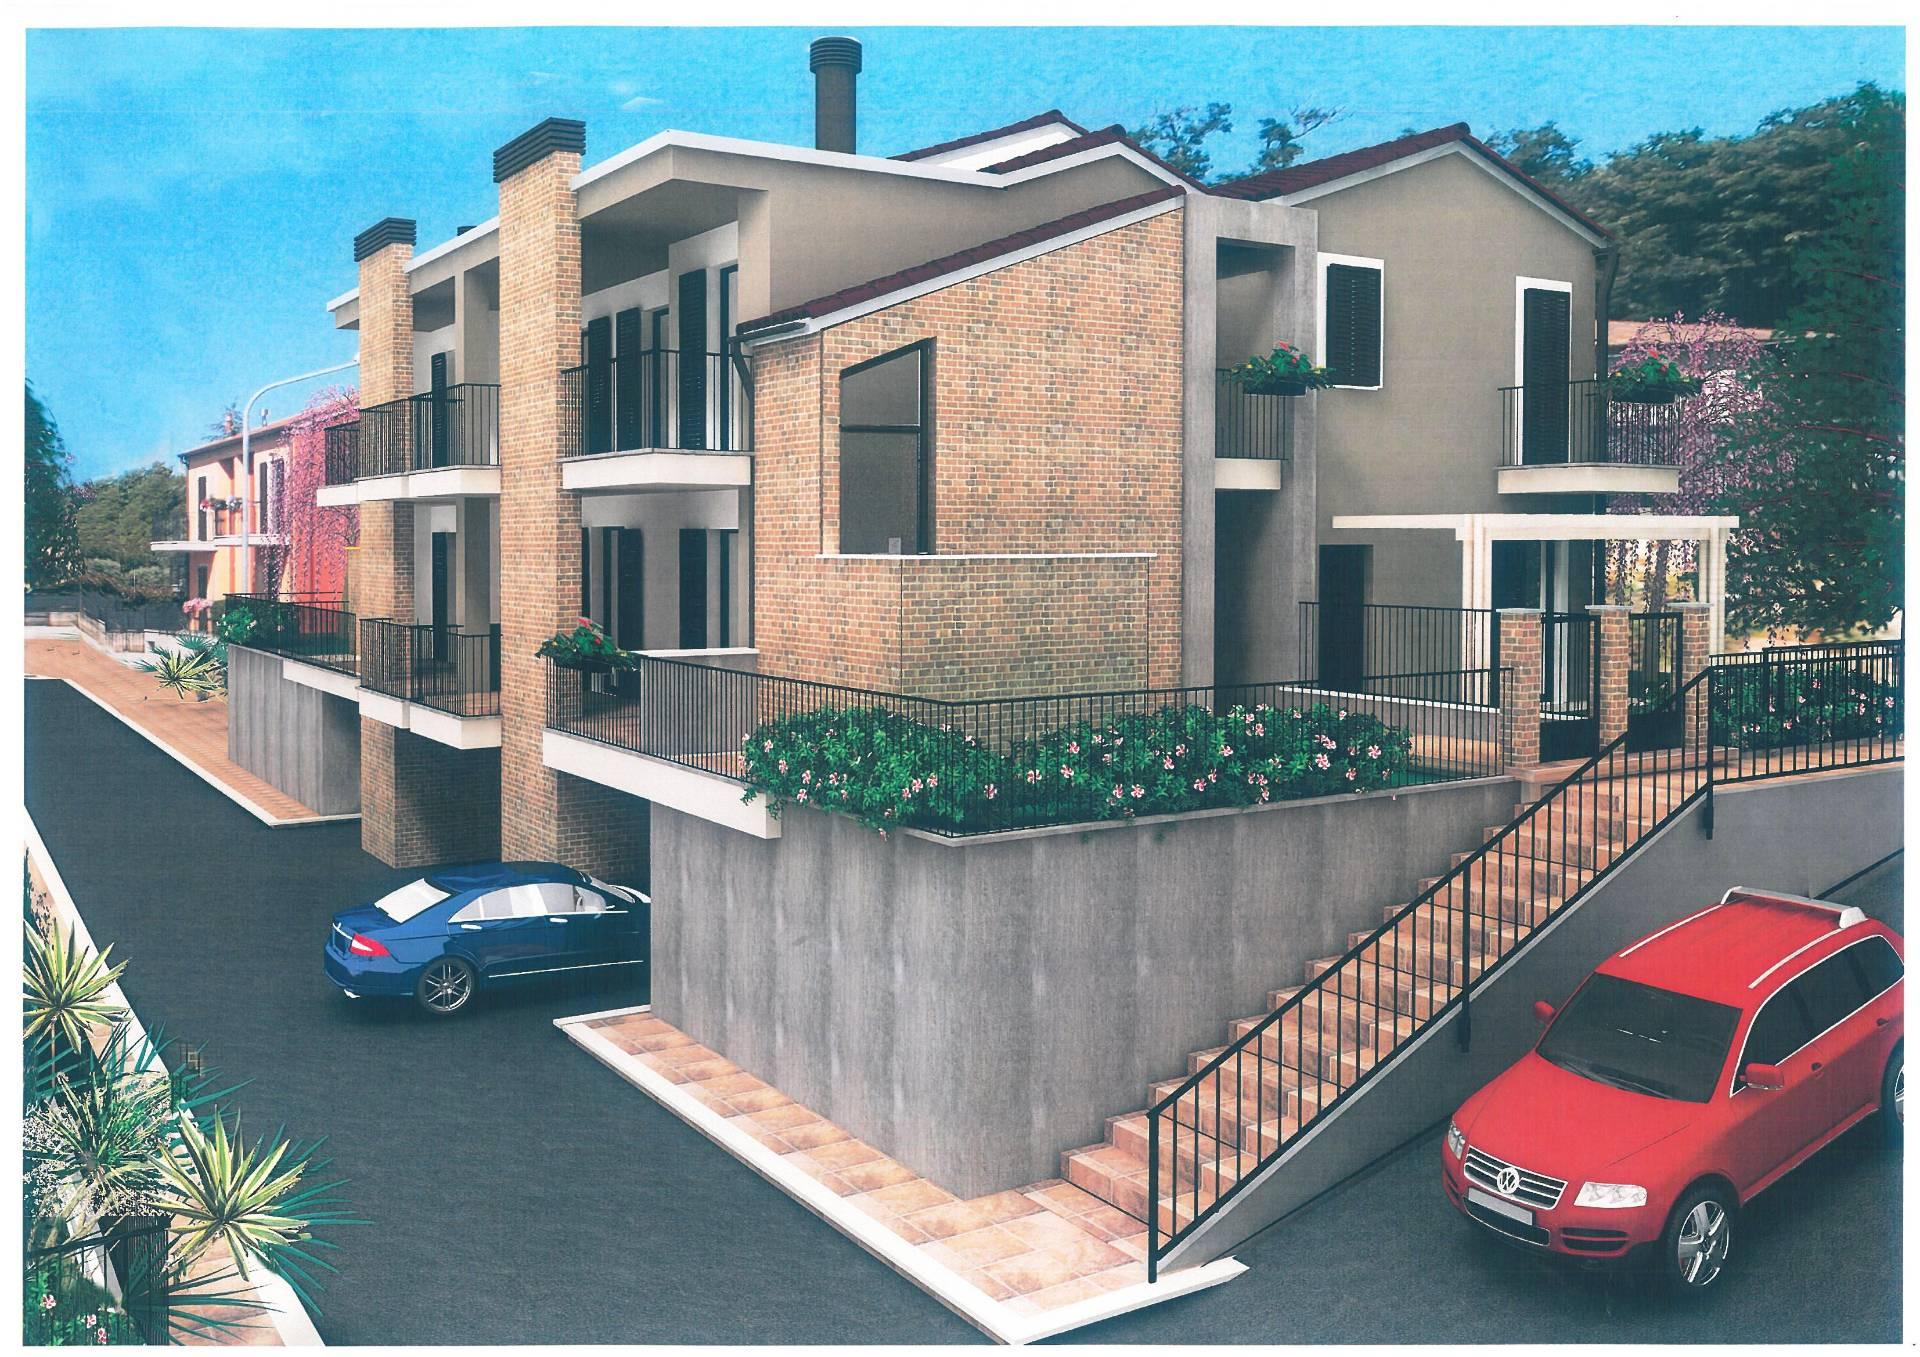 Appartamento in vendita a Agugliano, 4 locali, zona Località: Semicentro, prezzo € 185.000 | PortaleAgenzieImmobiliari.it